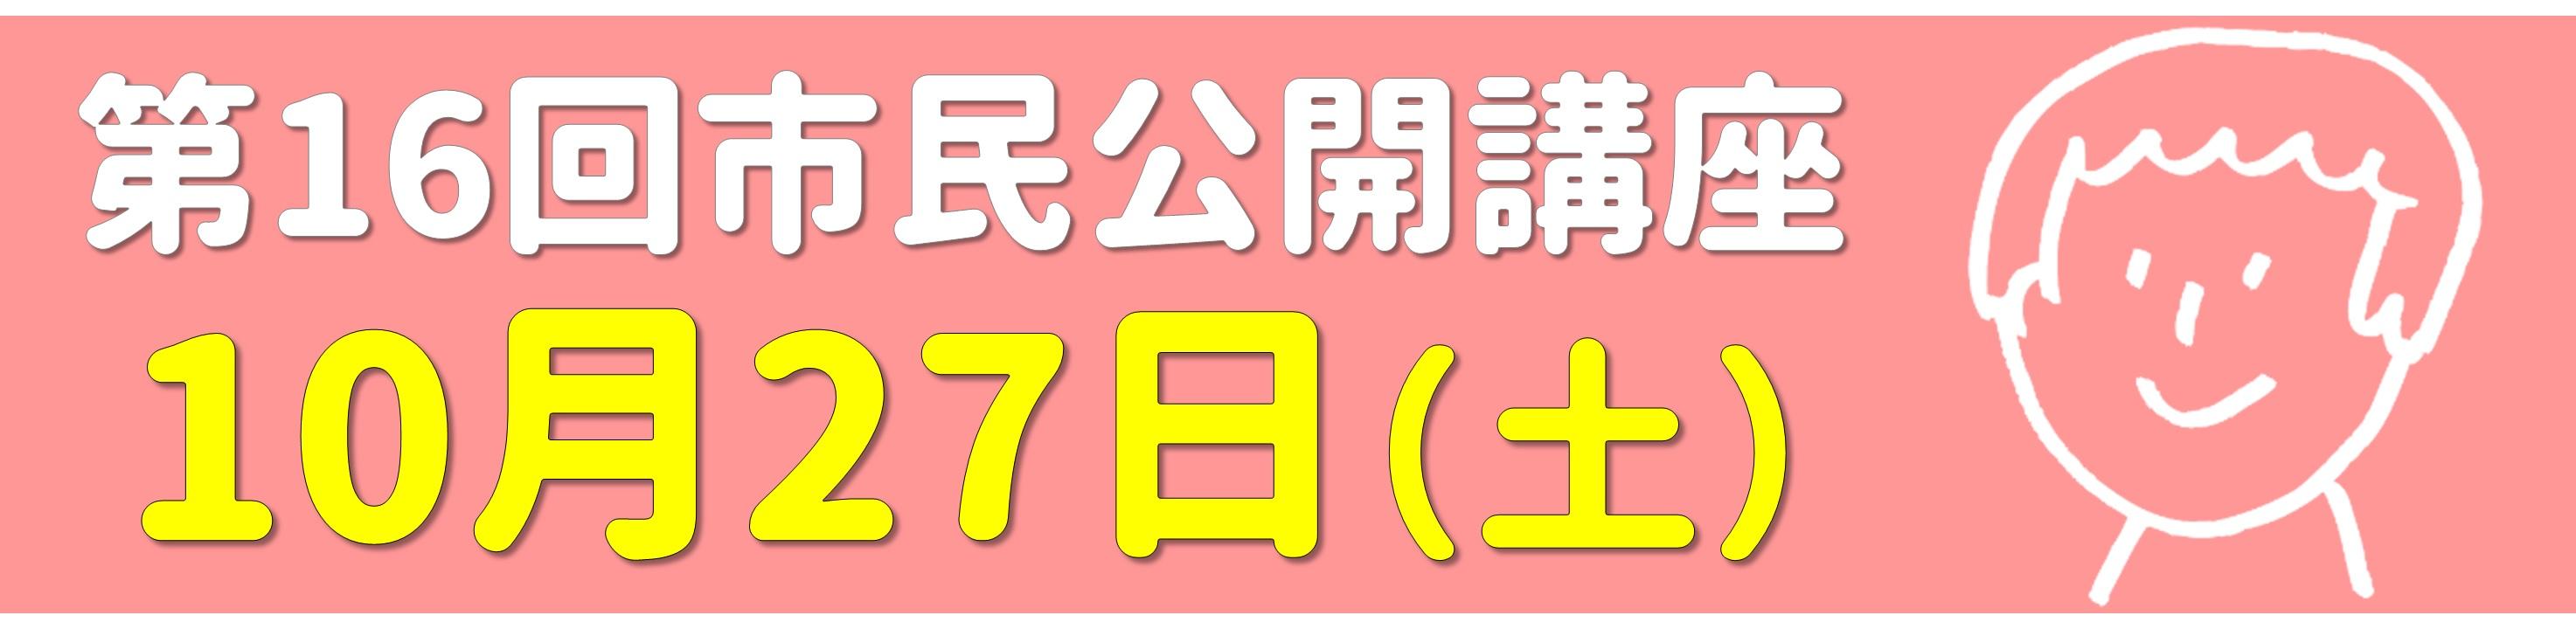 第16回市民公開講座 平成30年10月27日(土)